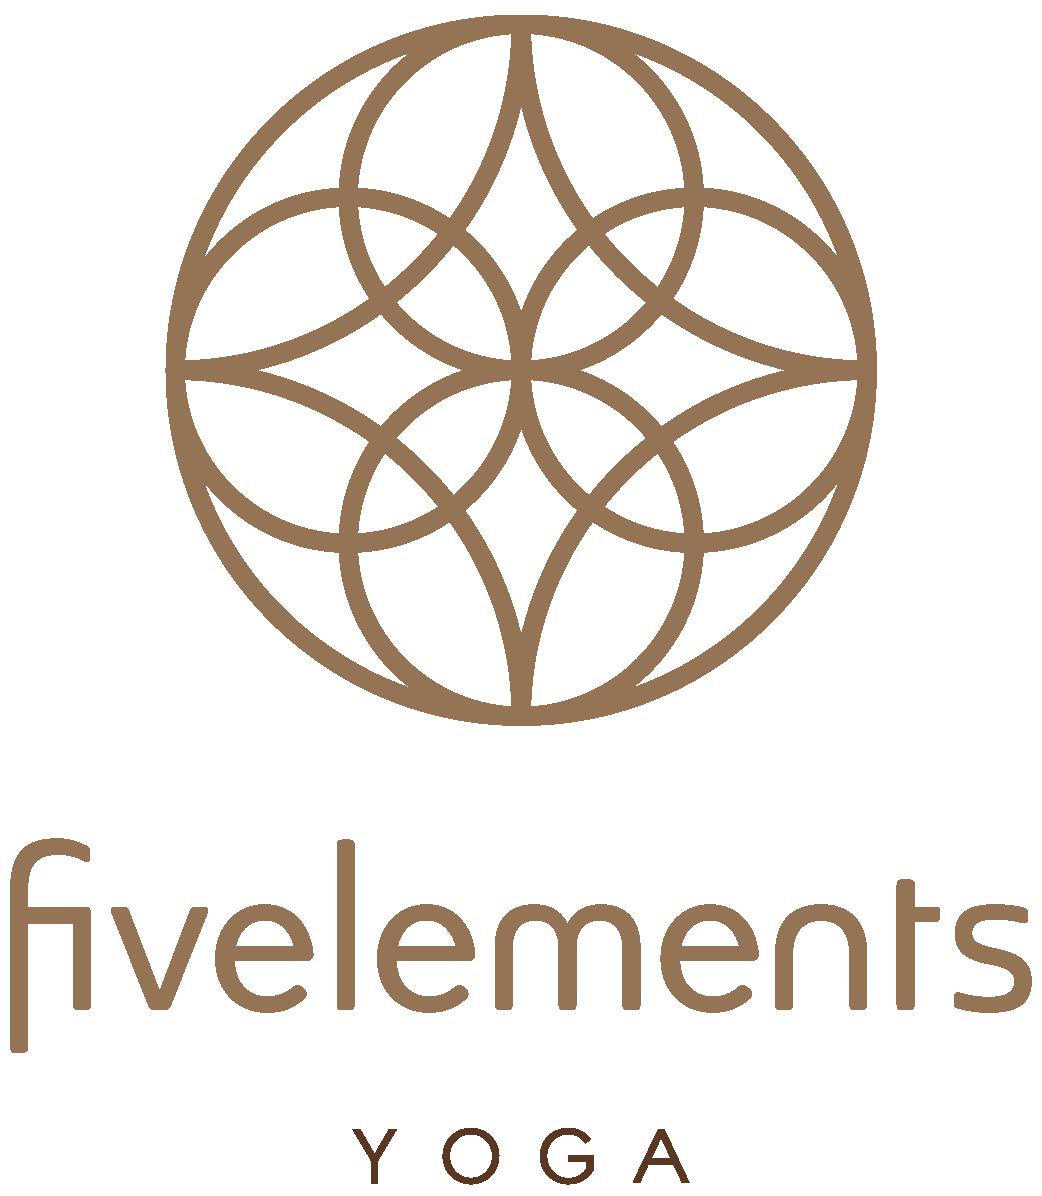 Fivelements Yoga